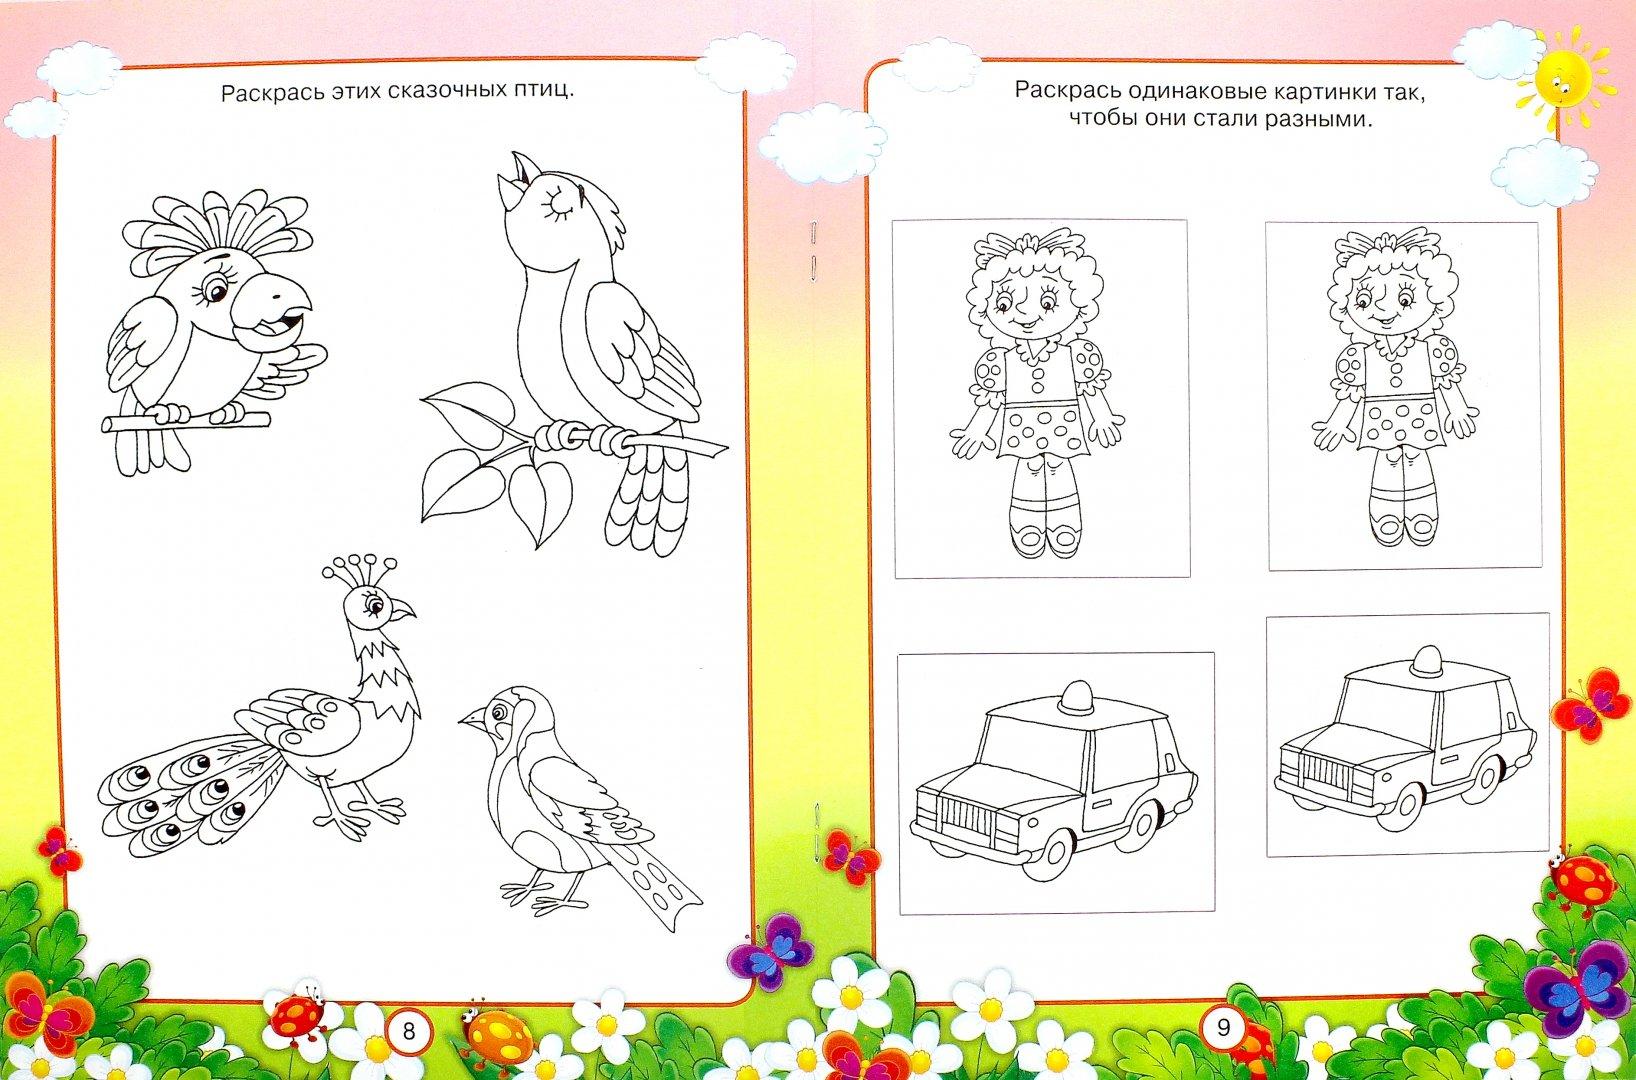 Иллюстрация 1 из 11 для Развиваем воображение. Методическое пособие для занятий с детьми 3-4 лет - Гаврина, Топоркова, Кутявина   Лабиринт - книги. Источник: Лабиринт